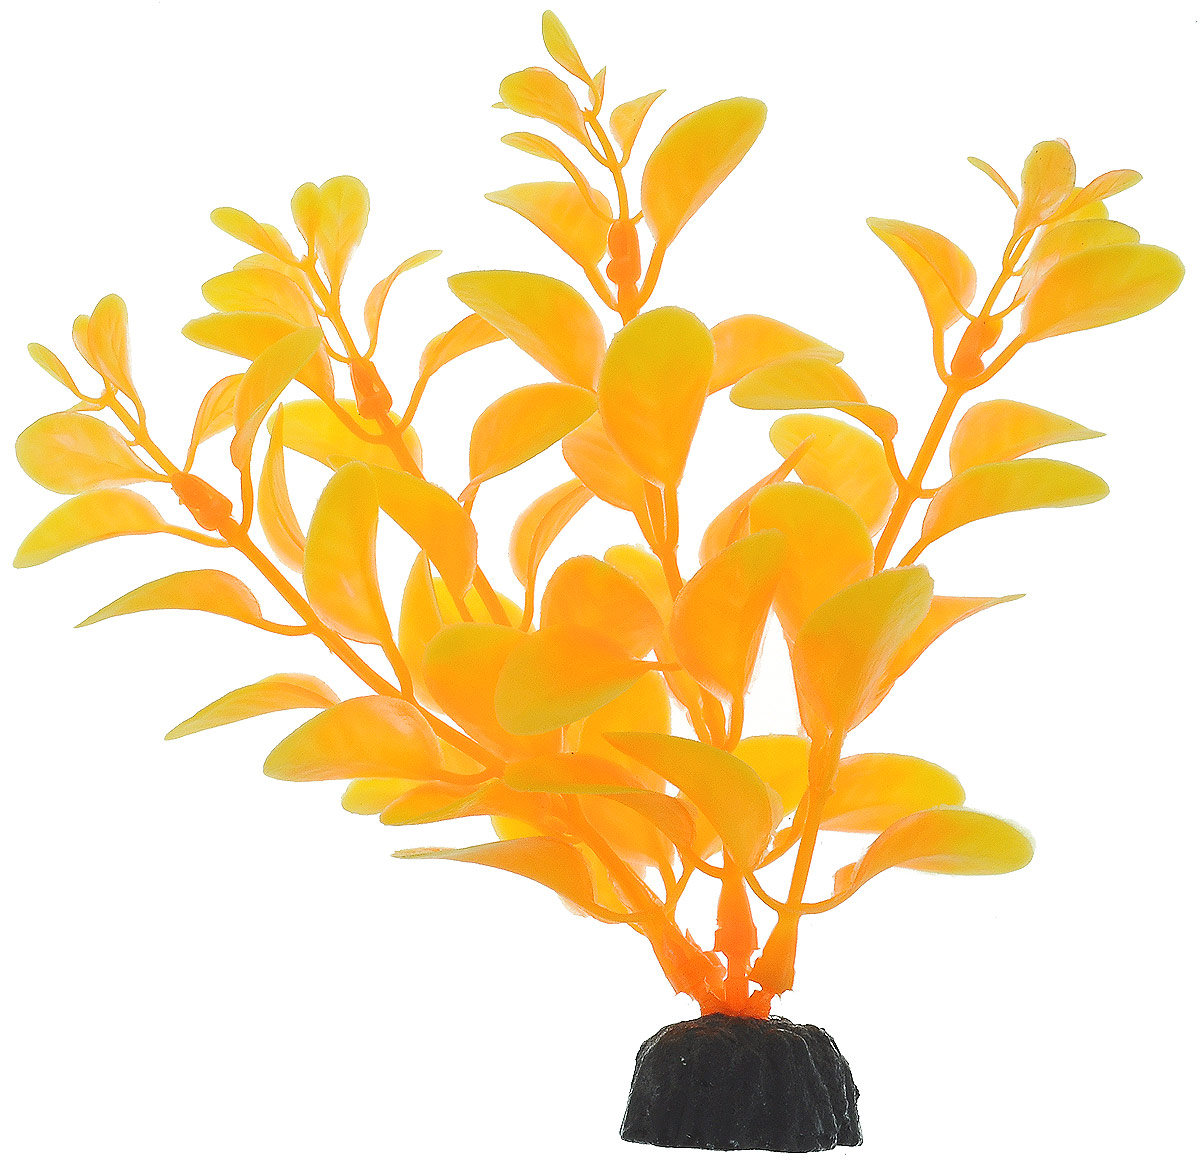 Растение для аквариума Barbus Людвигия, пластиковое, цвет: желто-оранжевый, высота 10 см растение для аквариума barbus людвигия ползучая красная пластиковое высота 30 см